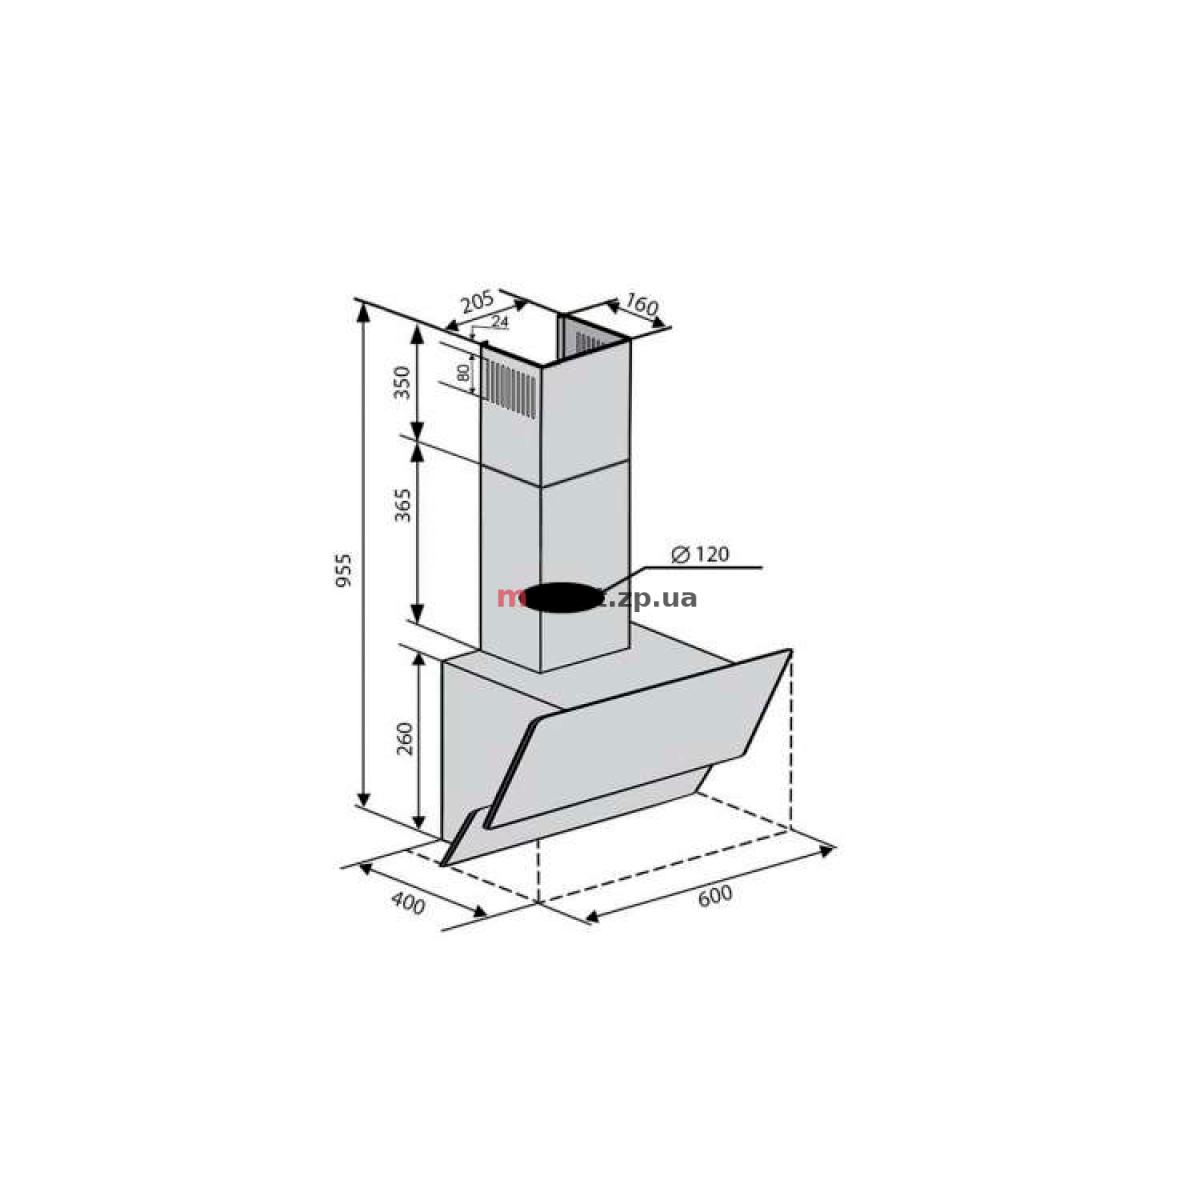 Вытяжка VENTOLUX RIMINI 60 BK (450) PB SL